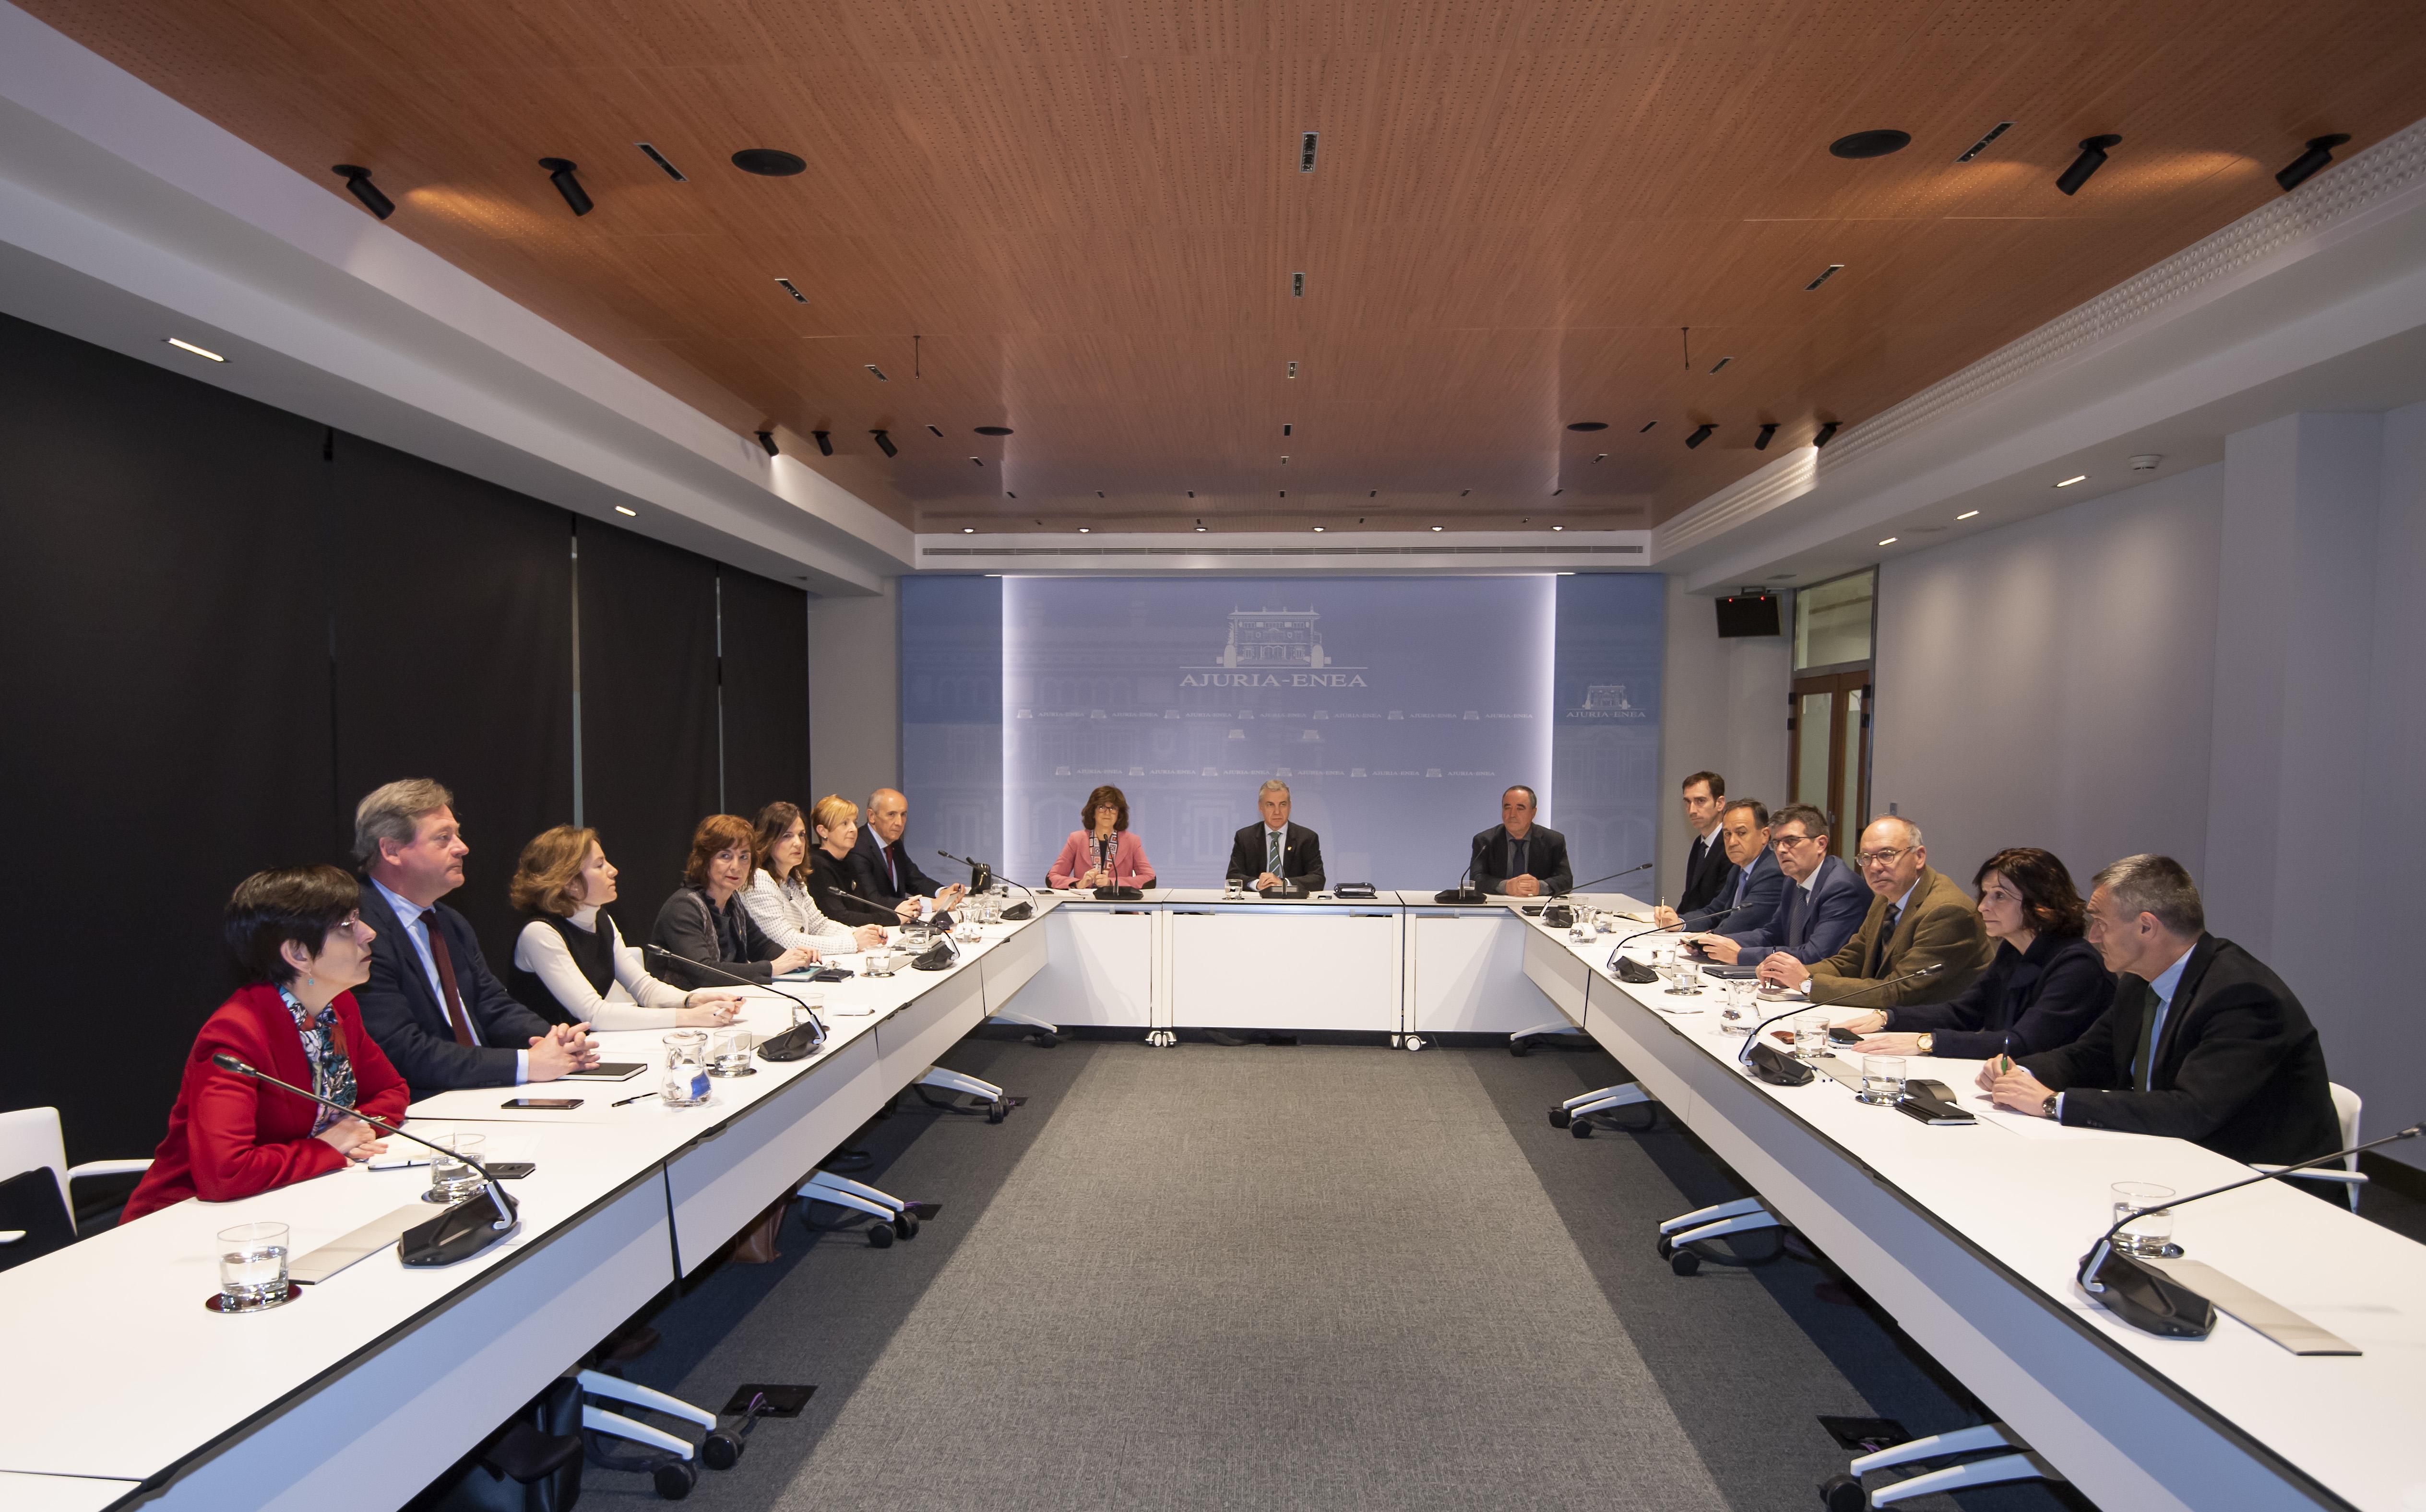 El Lehendakaripreside la reunión de la Mesa Interdepartamental para afrontar de manera coordinada la actuación del Gobierno Vasco ante el coronavirus